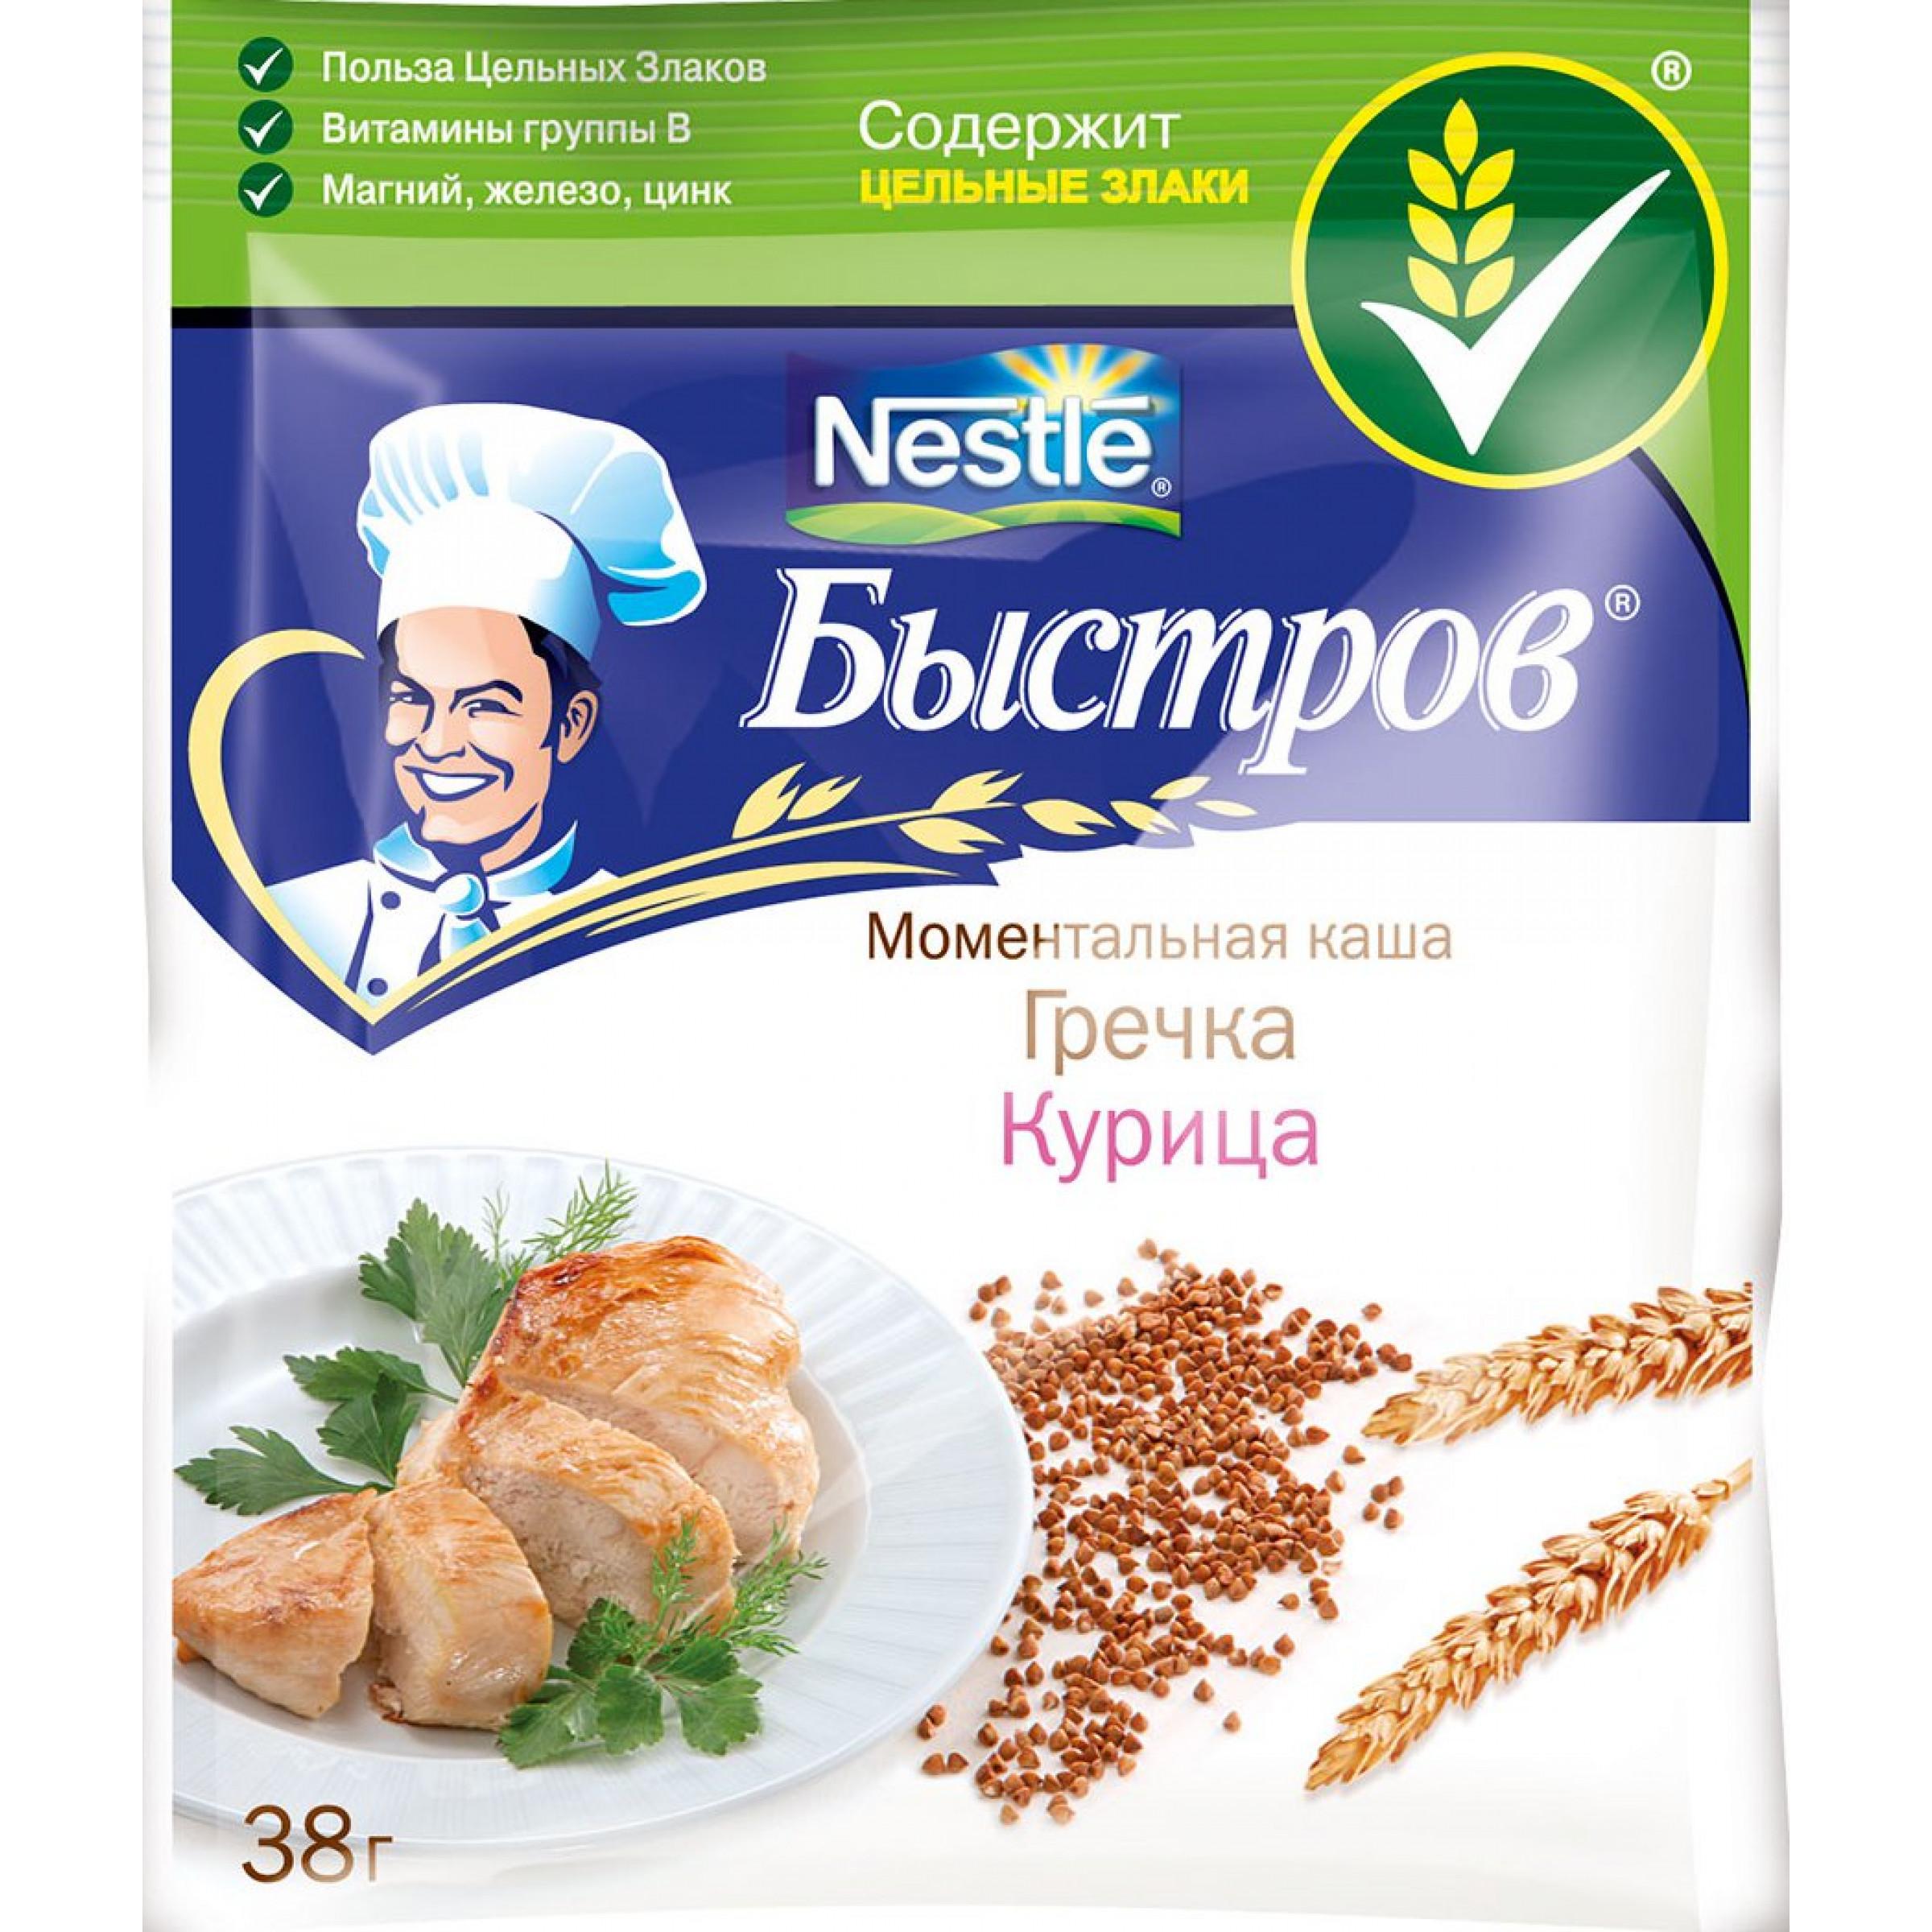 Каша гречневая с курицей Быстров Nestle, 38 гр